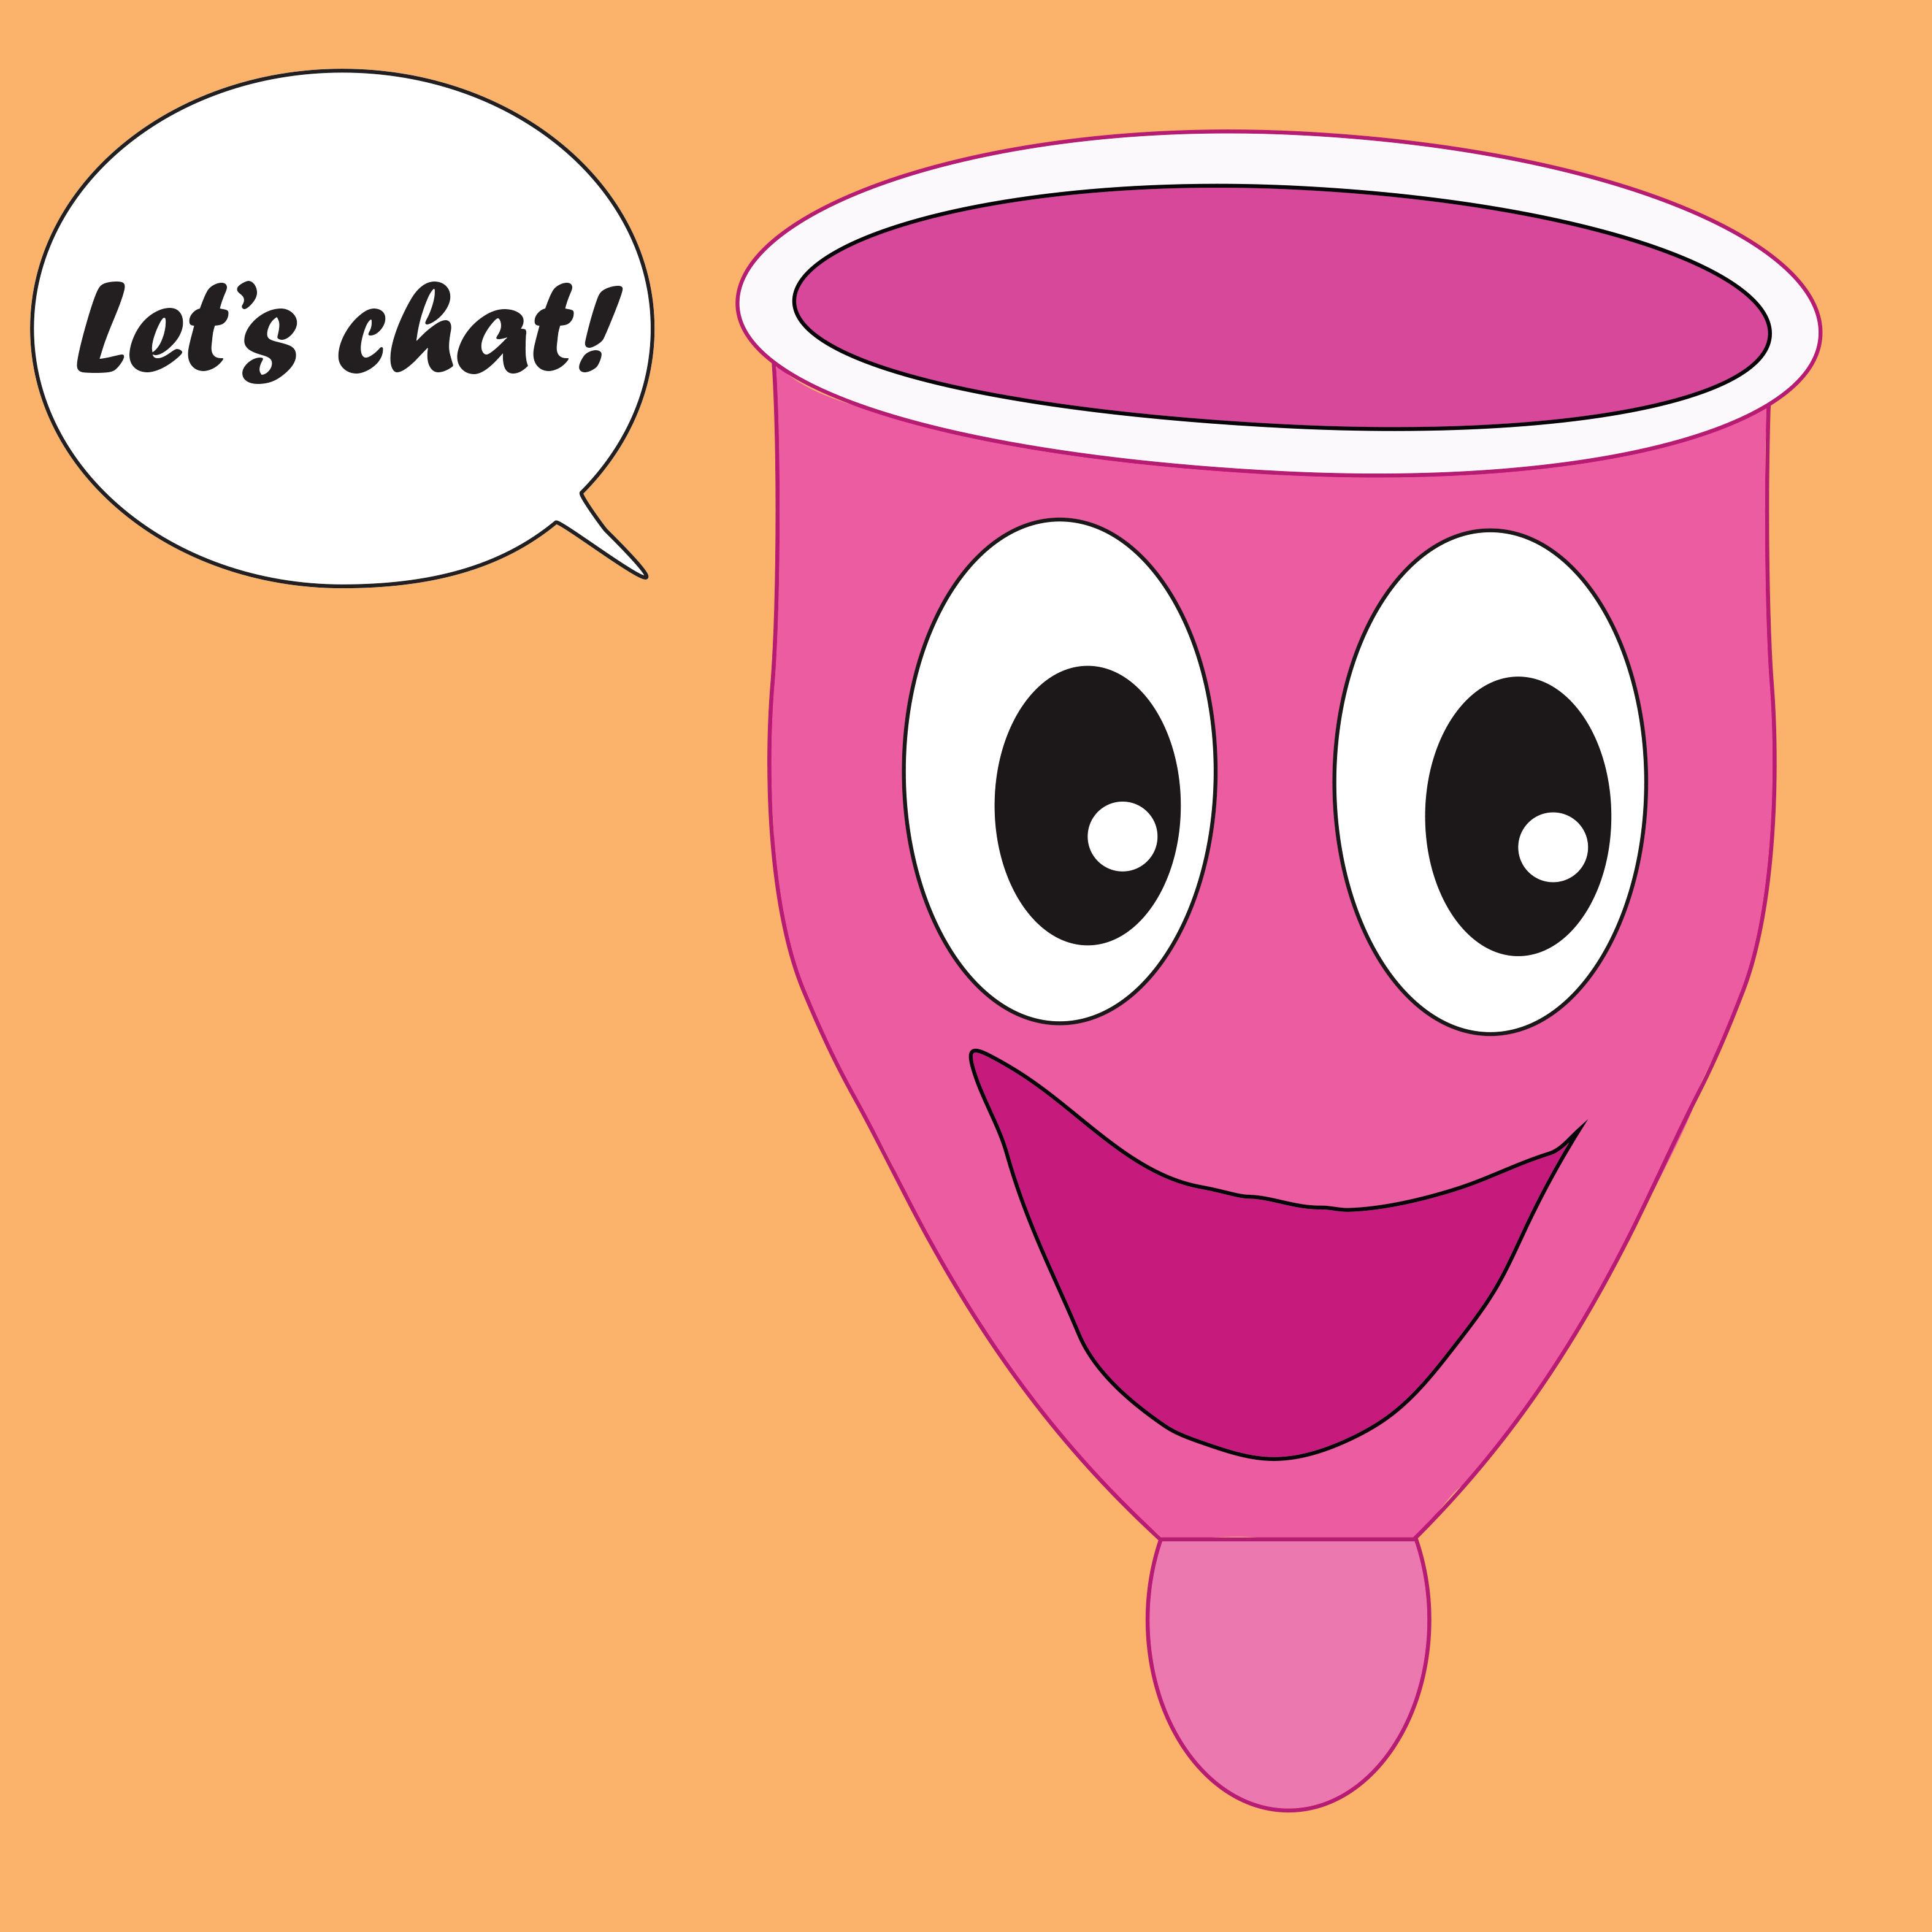 menstruation, diva cup